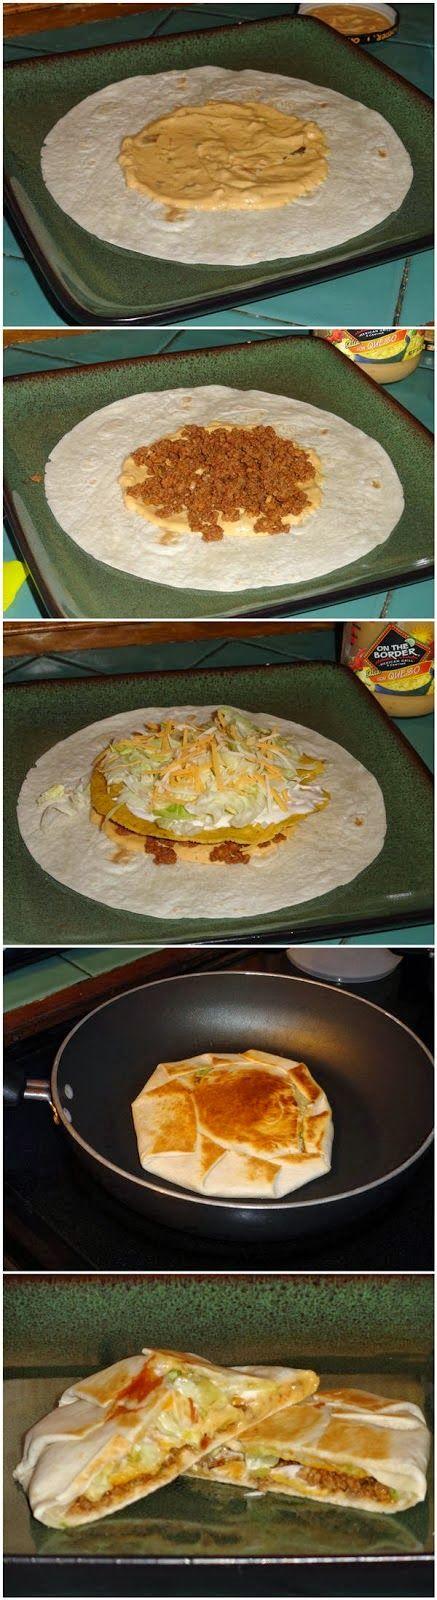 New Food & drink: Yummy Crunchwrap Supremes